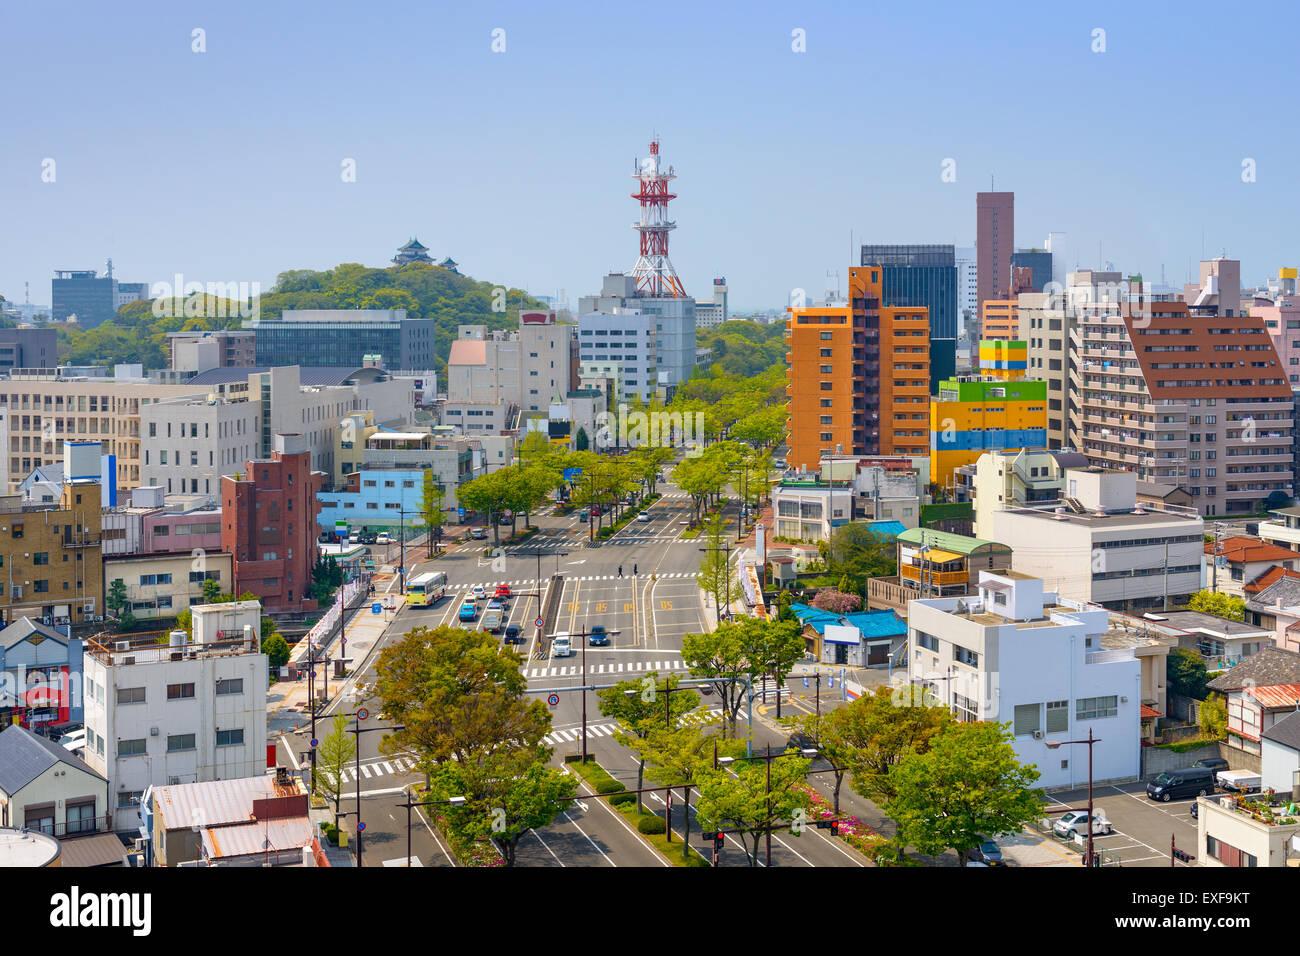 Wakayama City, Japan downtown cityscape. - Stock Image